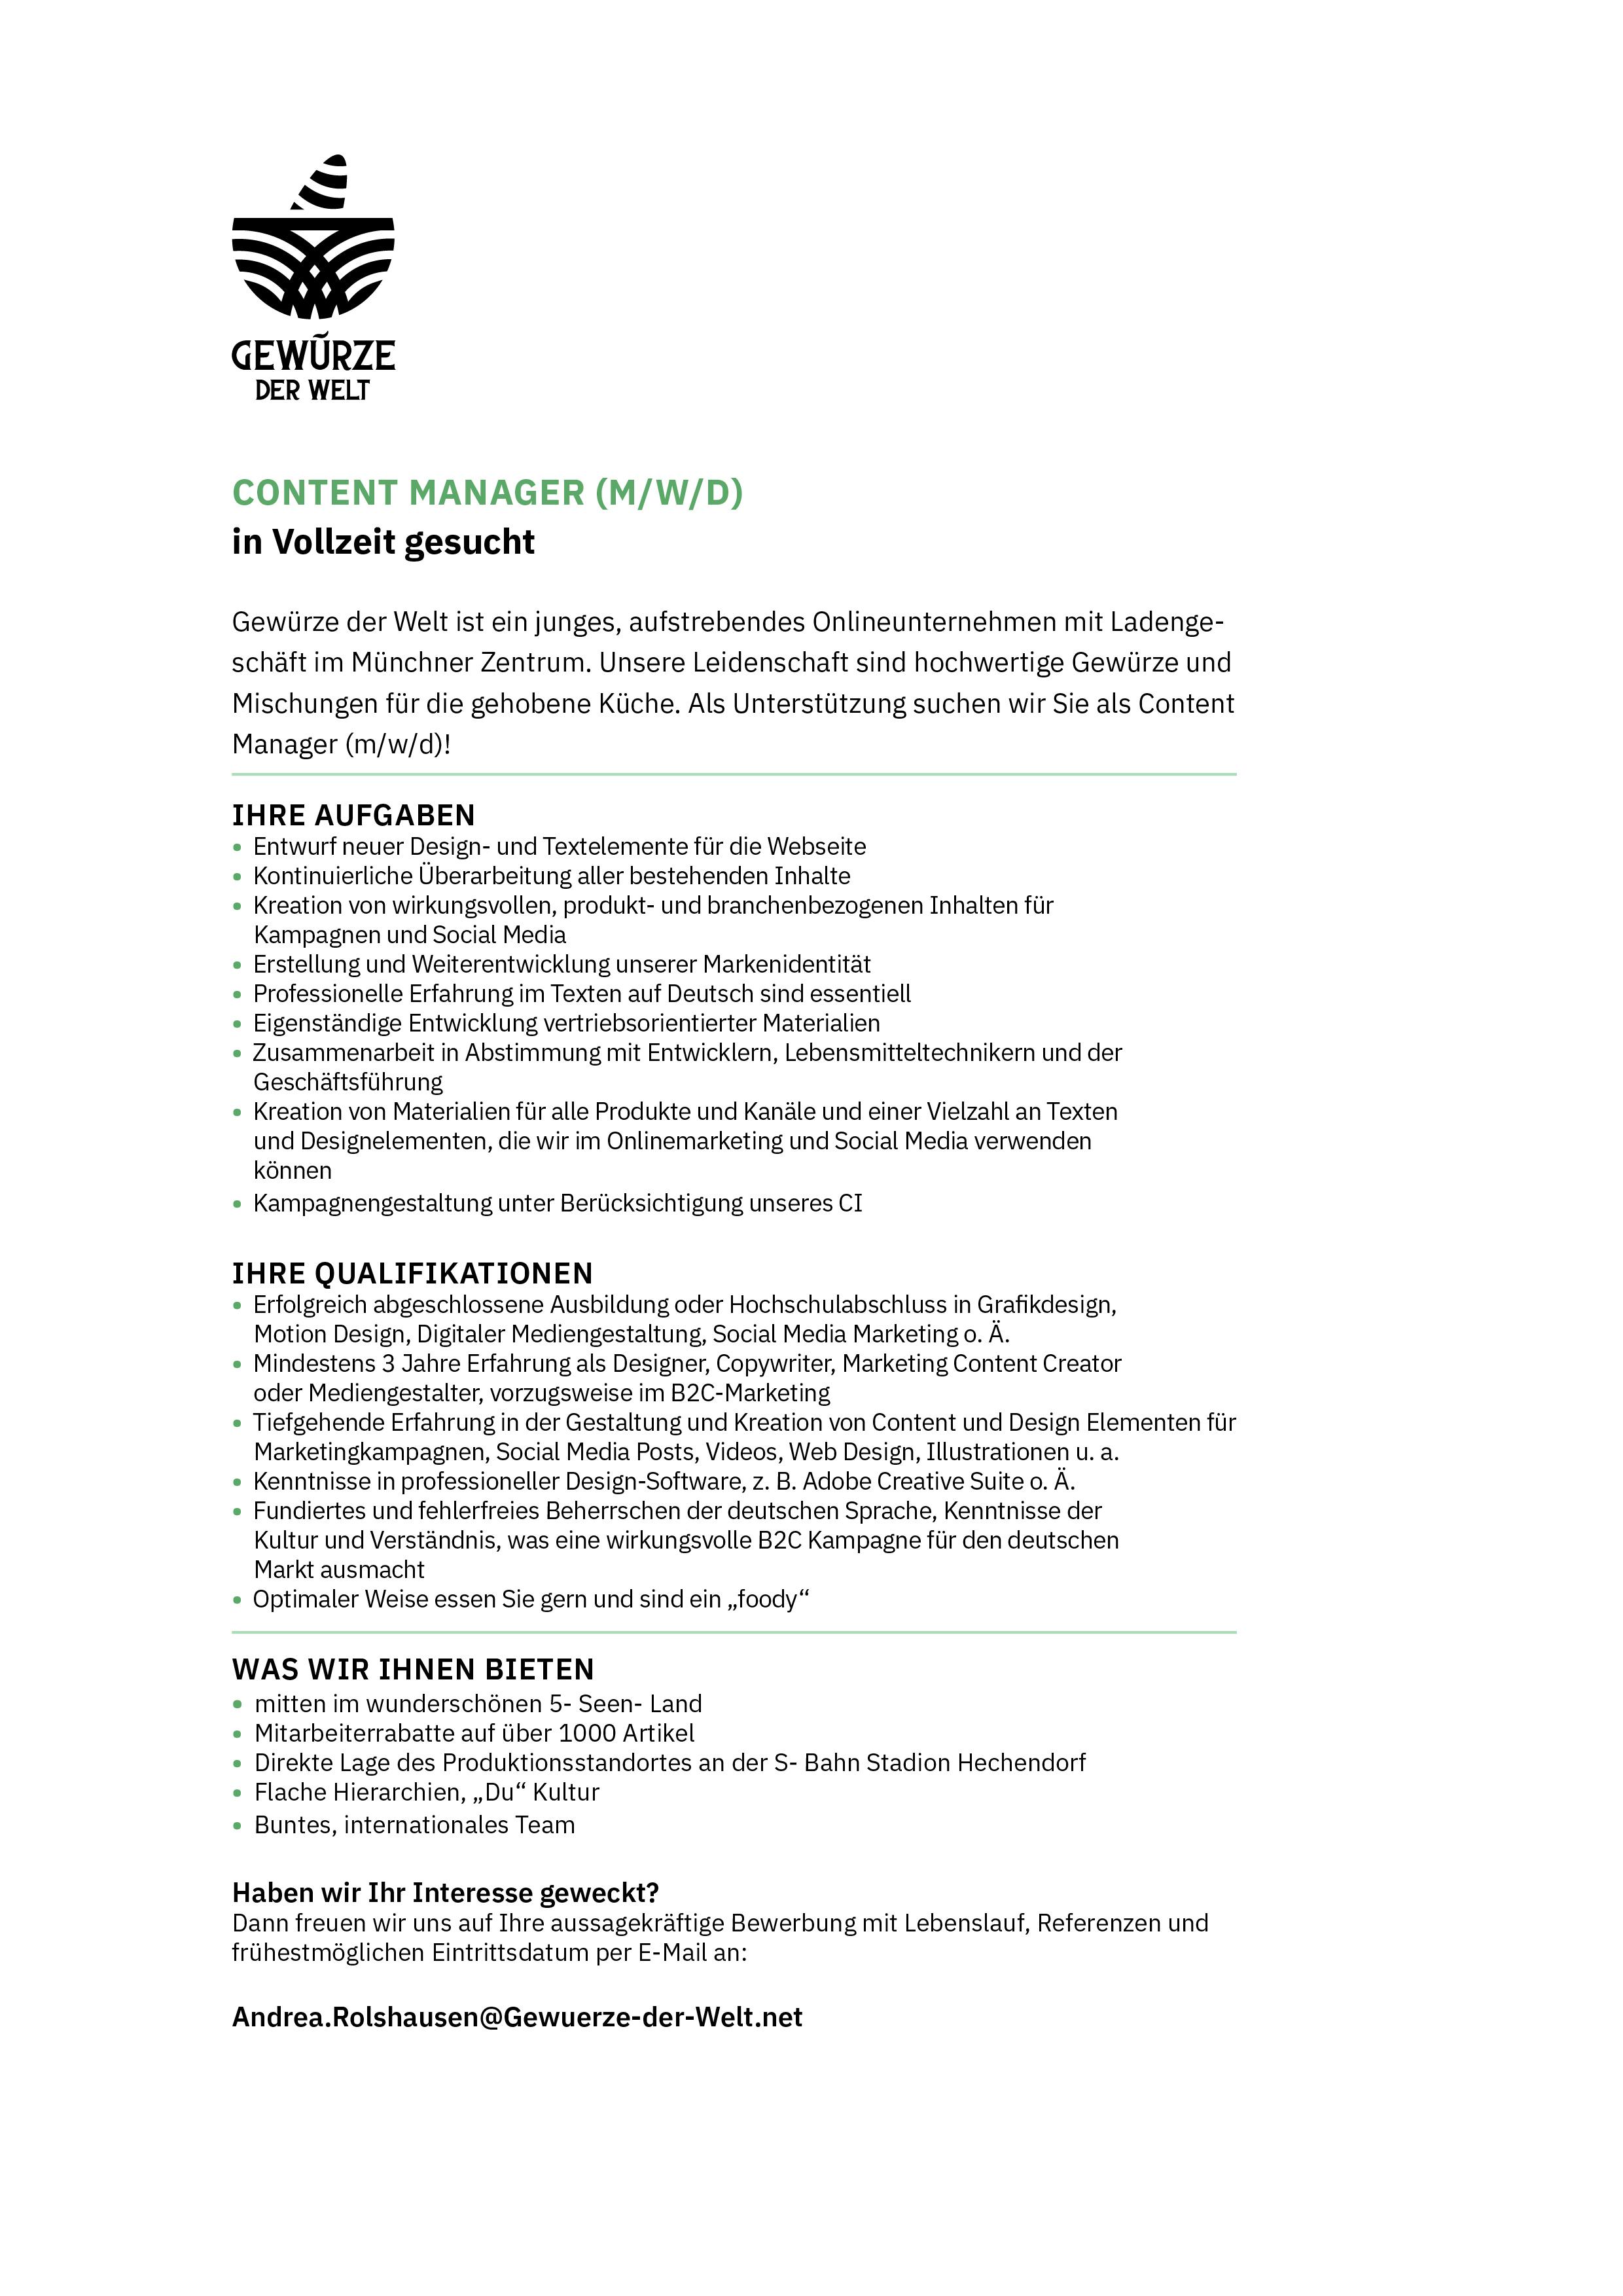 Stellenanzeige_Content-Manager_05-09-2020